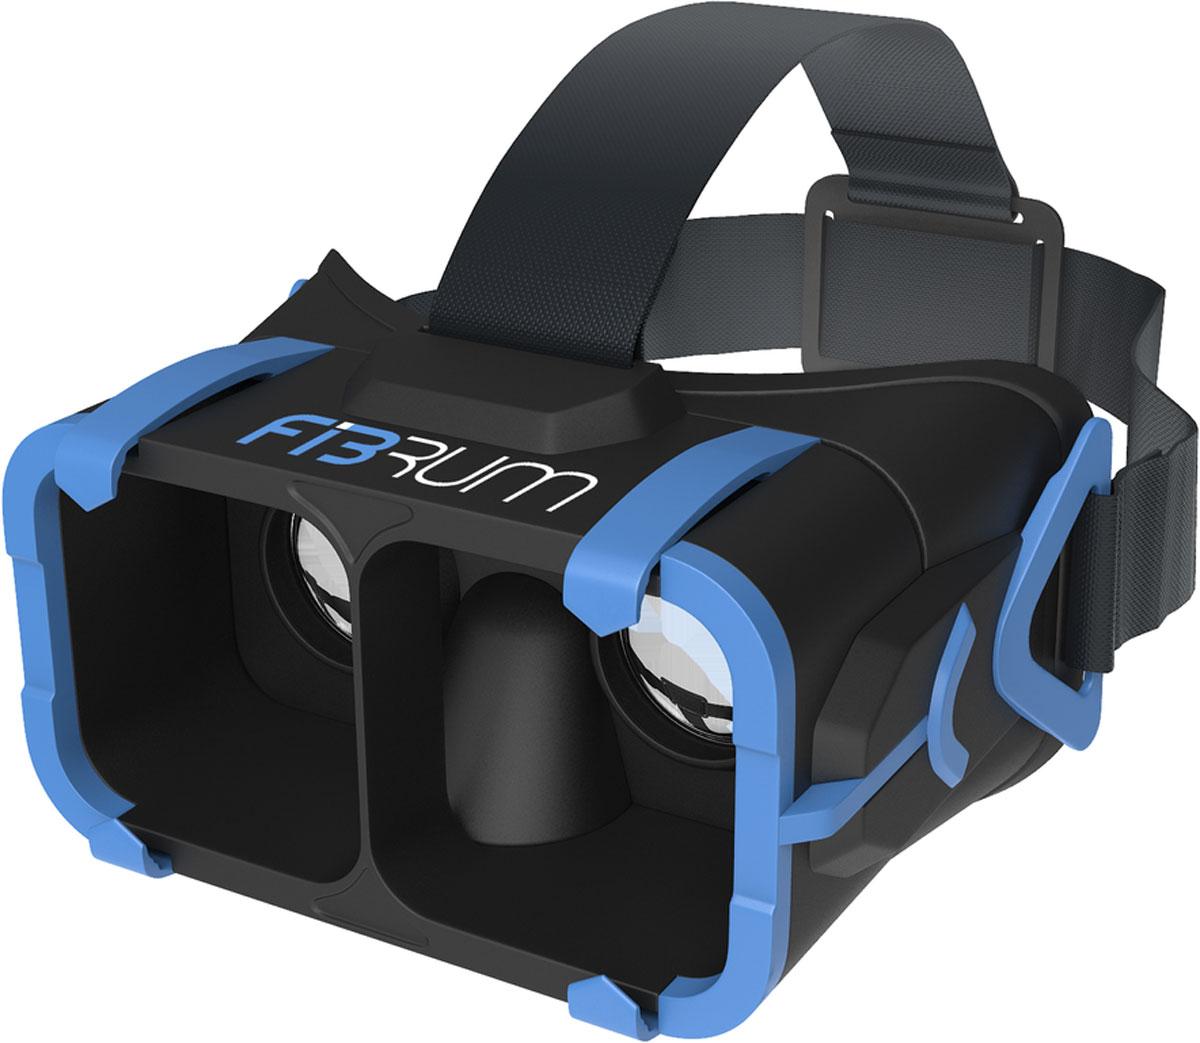 Fibrum Pro шлем виртуальной реальностиFIBRUM_PROFibrum Pro - шлем виртуальной реальности, позволяющий вам с максимальным комфортом погрузиться в другие миры и испытать новые эмоции. Fibrum - первая и единственная компания в мире, предлагающая комплексное решение в сфере VR: вместе со шлемом пользователи получают все доступные приложения и новинки Fibrum абсолютно бесплатно в течение года. Добро пожаловать в будущее!Год бесплатных развлечений:Каждый покупатель шлема получает бесплатный годовой доступ ко всем приложениям Fibrum. По истечении одного года вы получаете бессрочную скидку в 20% на все последующие покупки.Универсальный:Шлем совместим с большинством смартфонов с диагональю от 4 до 6 дюймов на любой из популярных операционных систем (iOS, Android, Windows Phone).ультралегкий:Современные материалы: высококачественный пластик и гиппоалергенный силикон, позволили сделать VR-шлем Fibrum самым легким среди аналогов. Высококачественные стеклянные линзы:Созданы для моментального и полного погружения в мир виртуальной реальности.Широкий угол обзора:Взгляни за пределы возможного с углом обзора 110°. Эргономический дизайн:Оптимальное расстояние между линзами не требует дополнительных приспособлений для настройки резкости. Система фиксирующих ремней разработана для наиболее комфортной эксплуатации без нагрузок на шею и позвоночник.